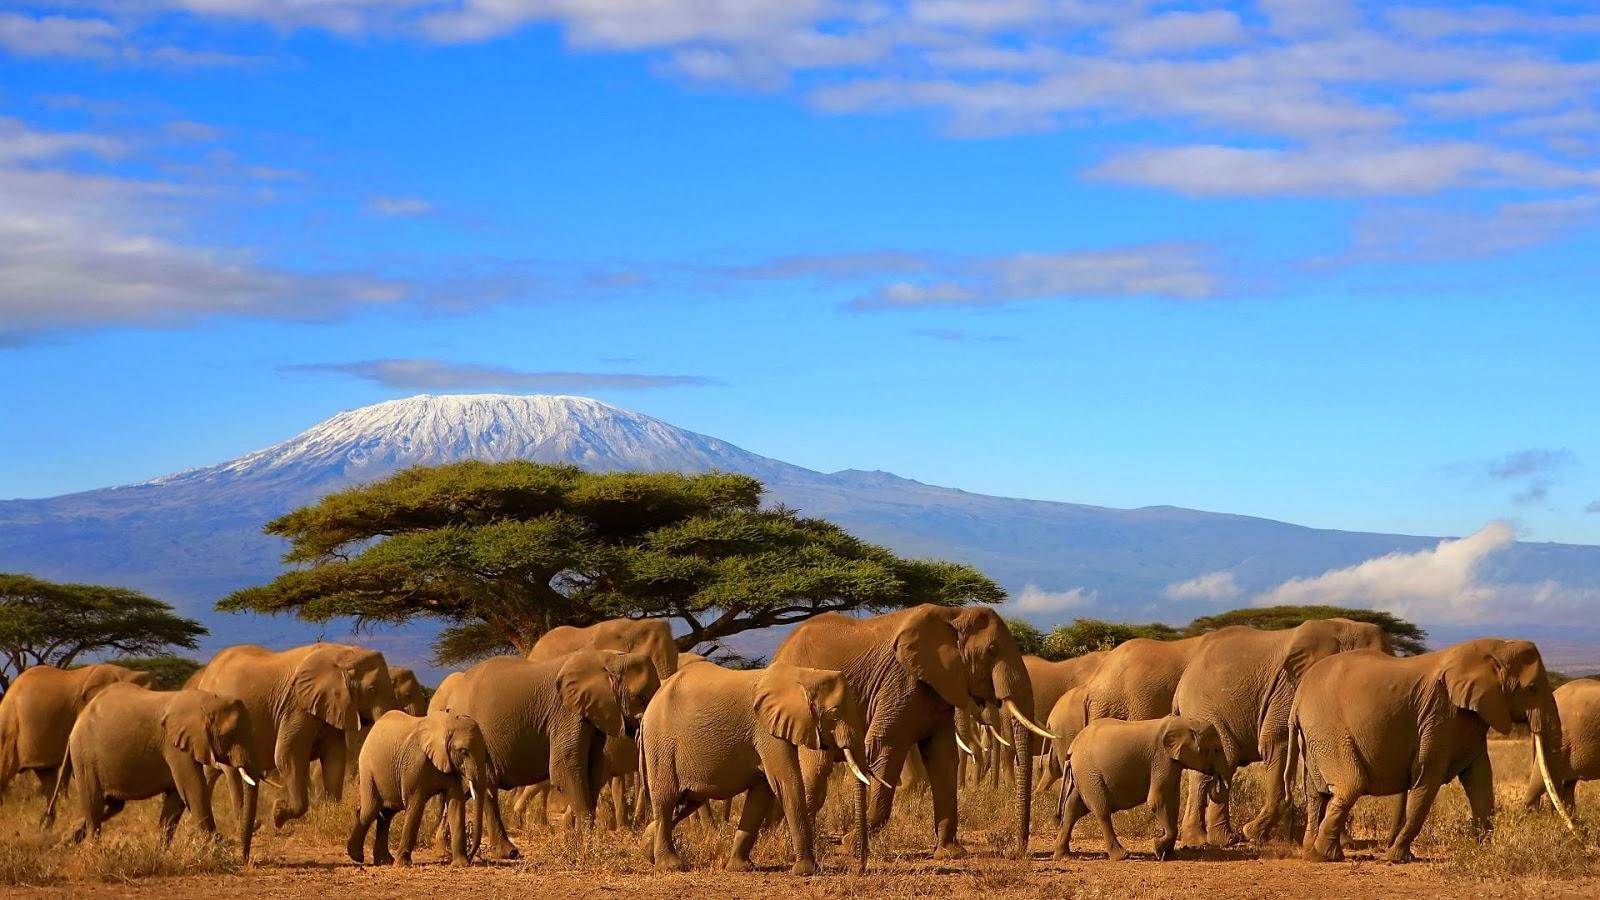 Серенгети, гора Килиманджаро, Африка